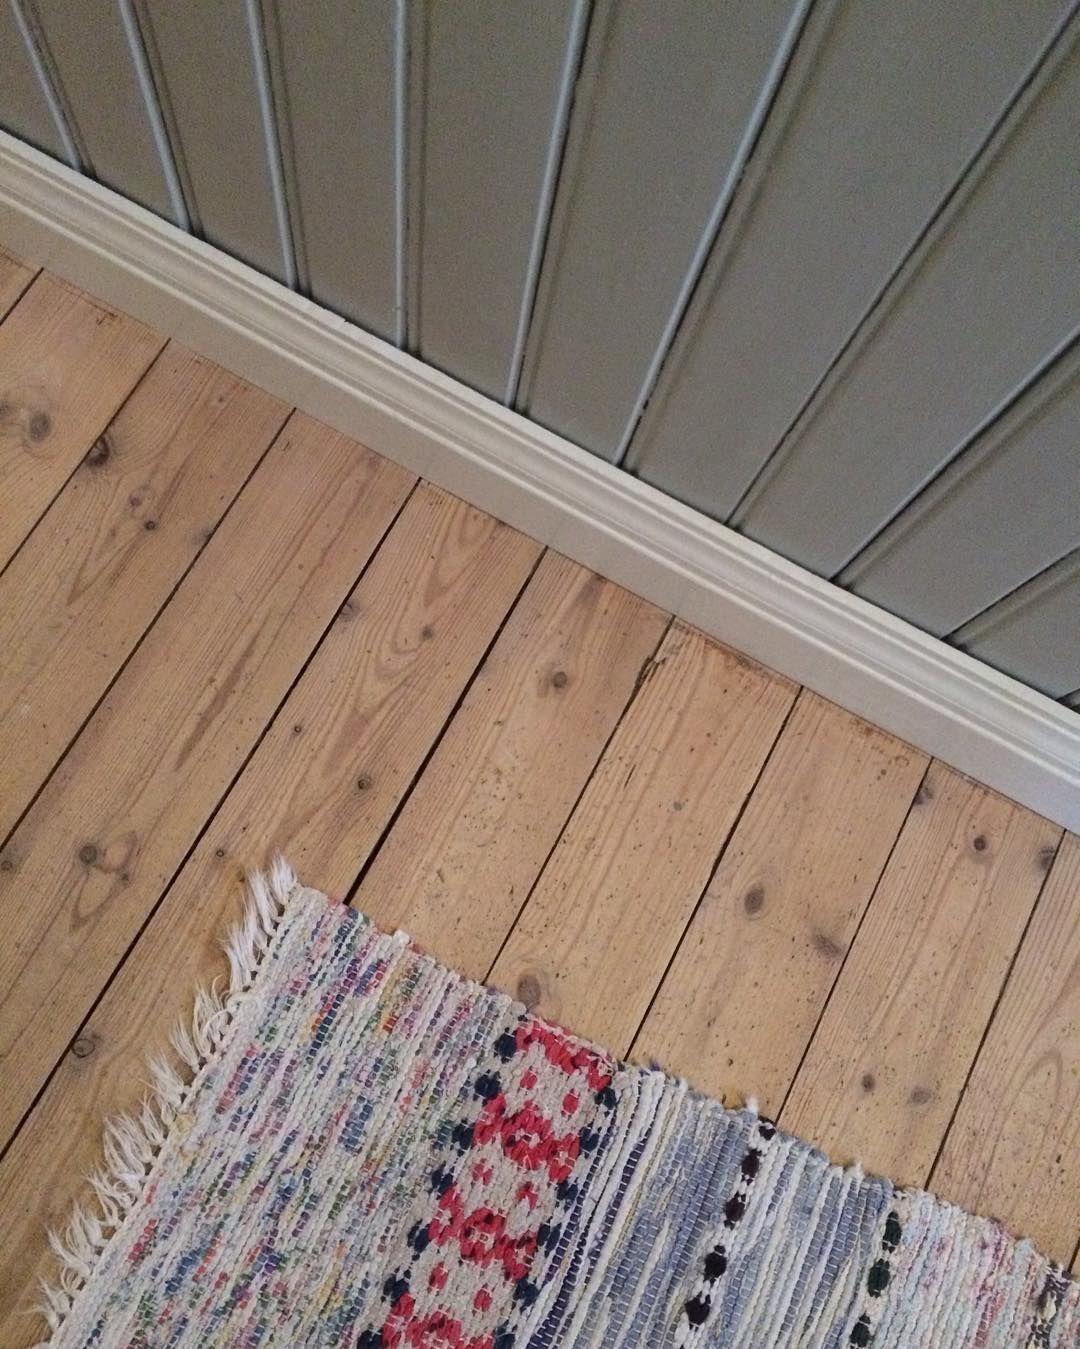 Pärlspont i original mÃ¥lad med linoljefärg, fernissat golv ... : målade trägolv : Inredning